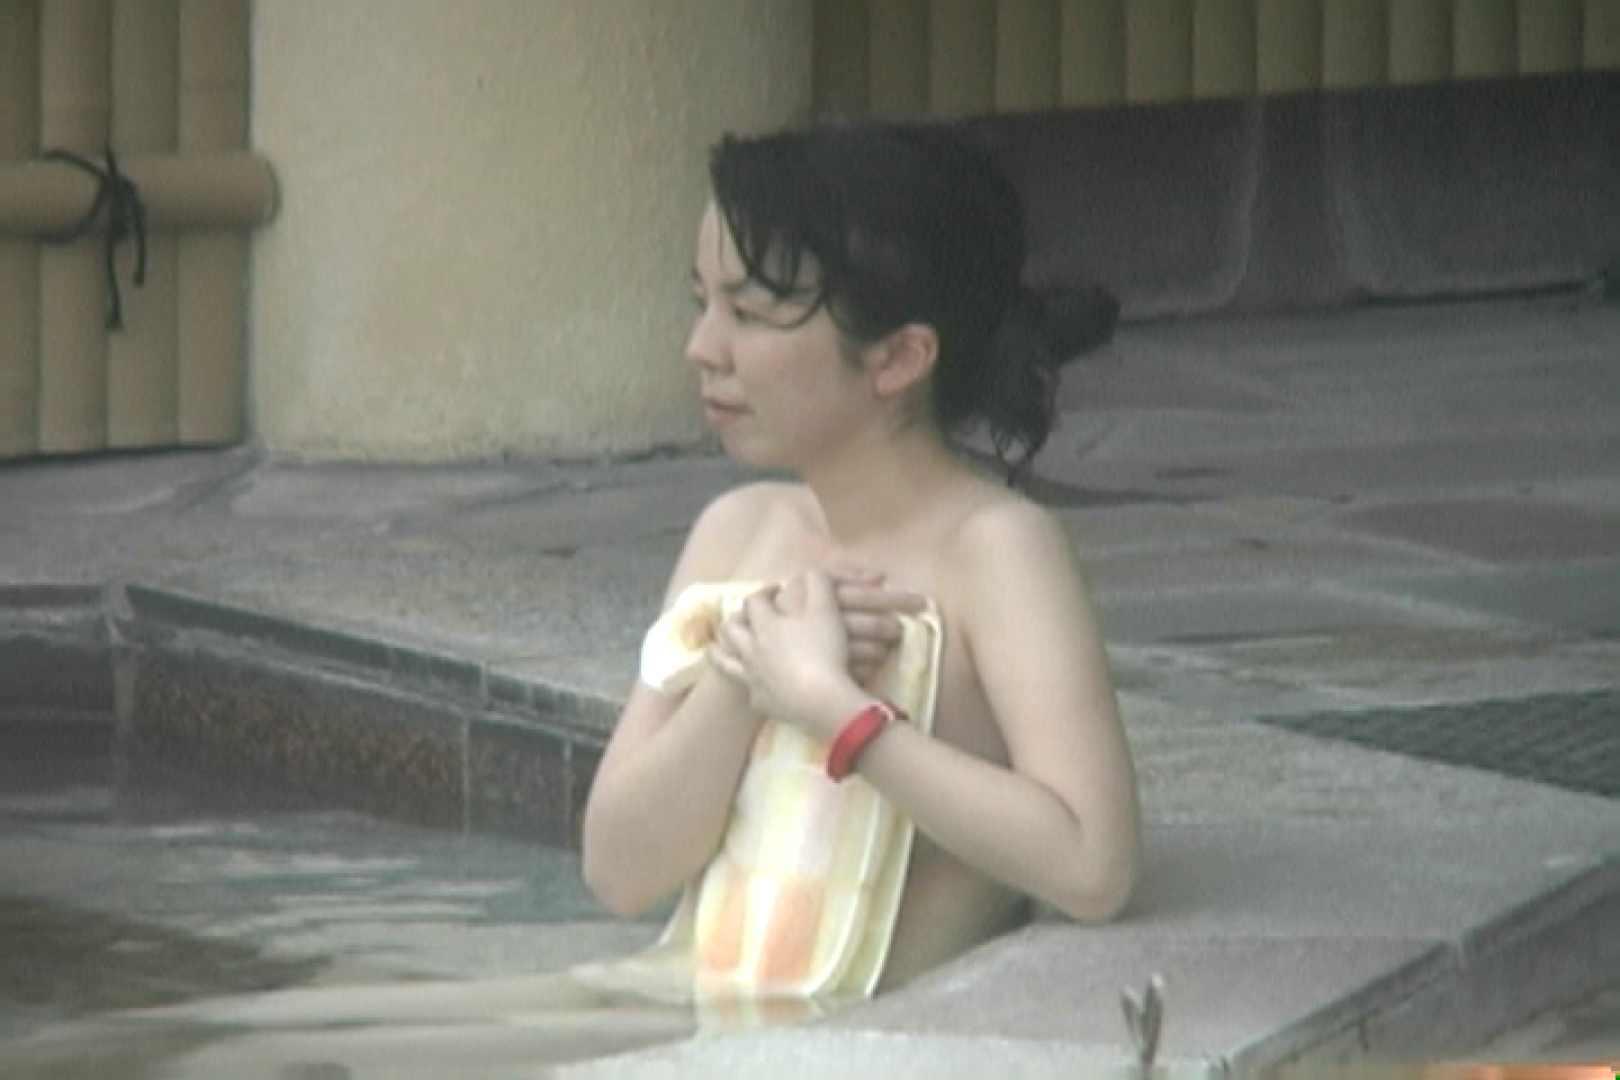 高画質露天女風呂観察 vol.007 高画質 のぞきエロ無料画像 97PICs 87